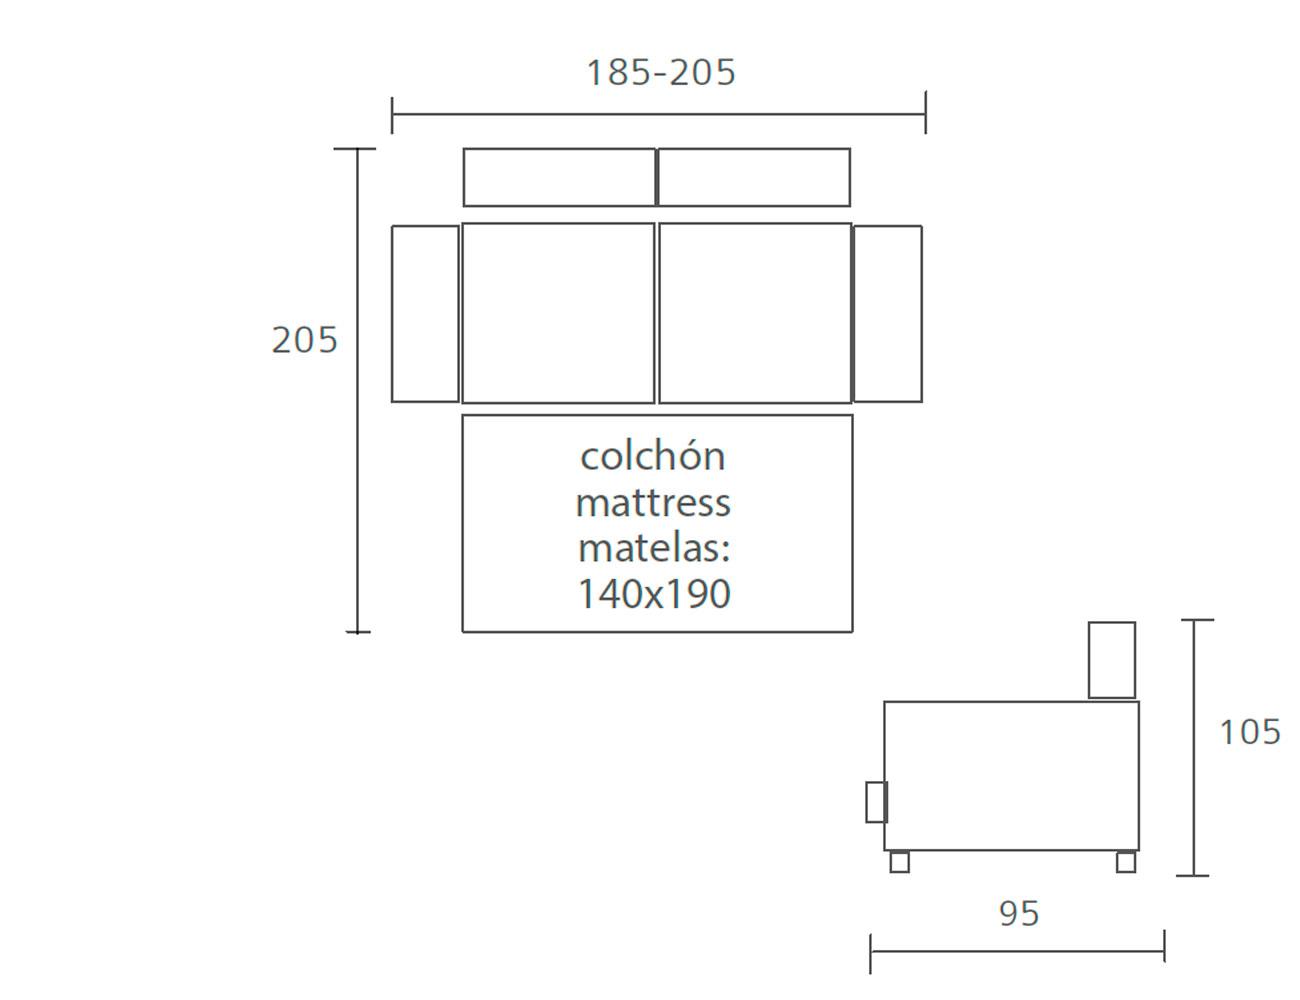 Sofa cama pedro ortiz 185 2051